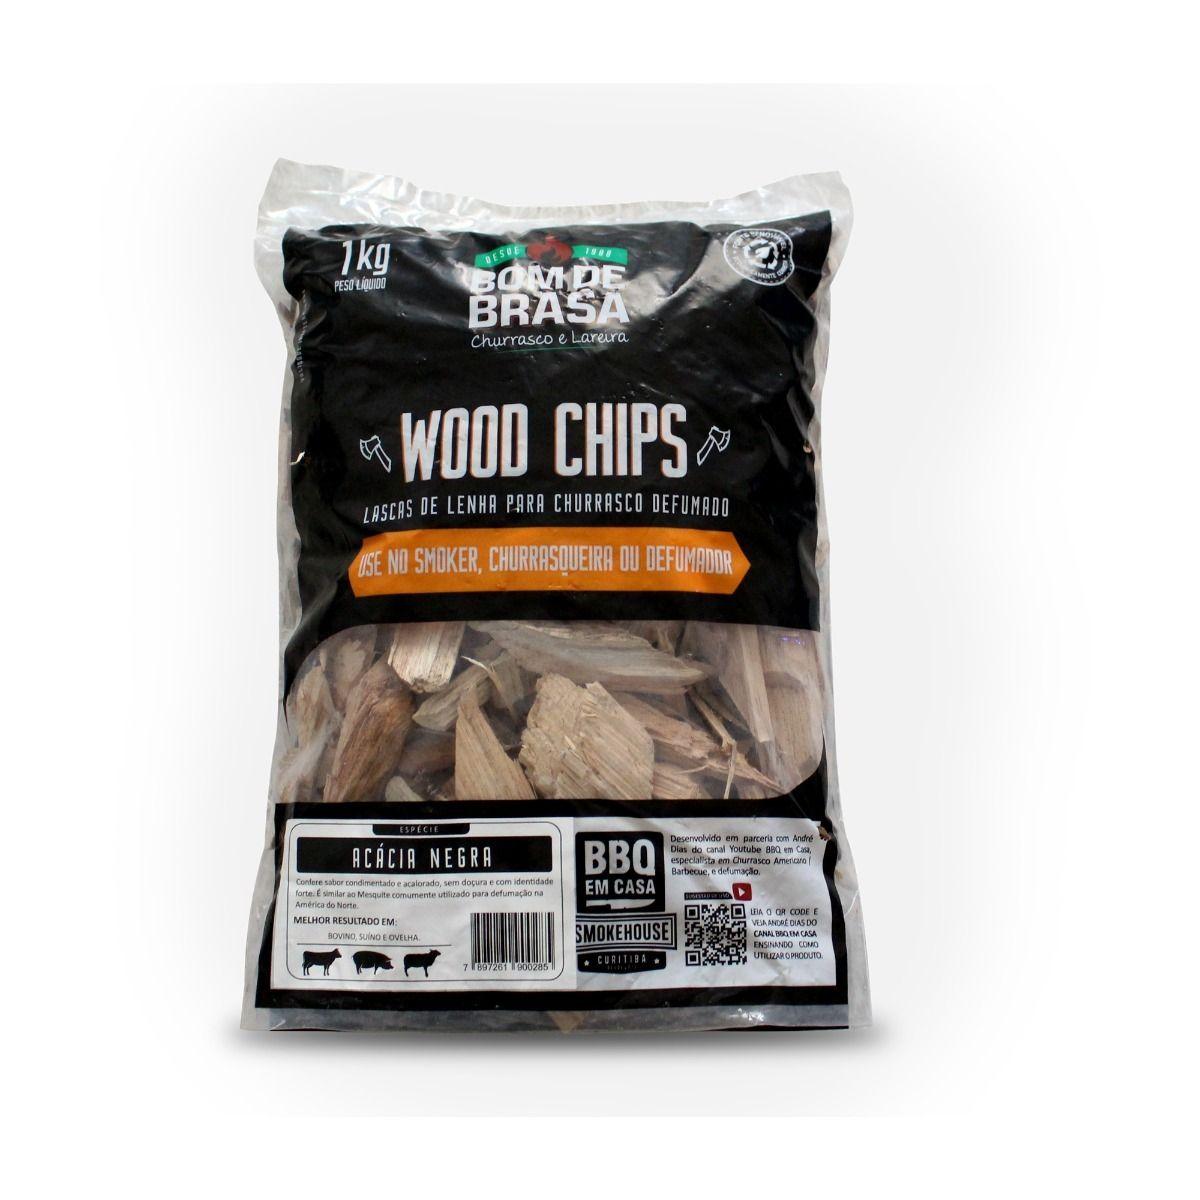 Lascas de Lenha de Madeira Para Defumação Woods Chips Acácia Negra - 1 KG